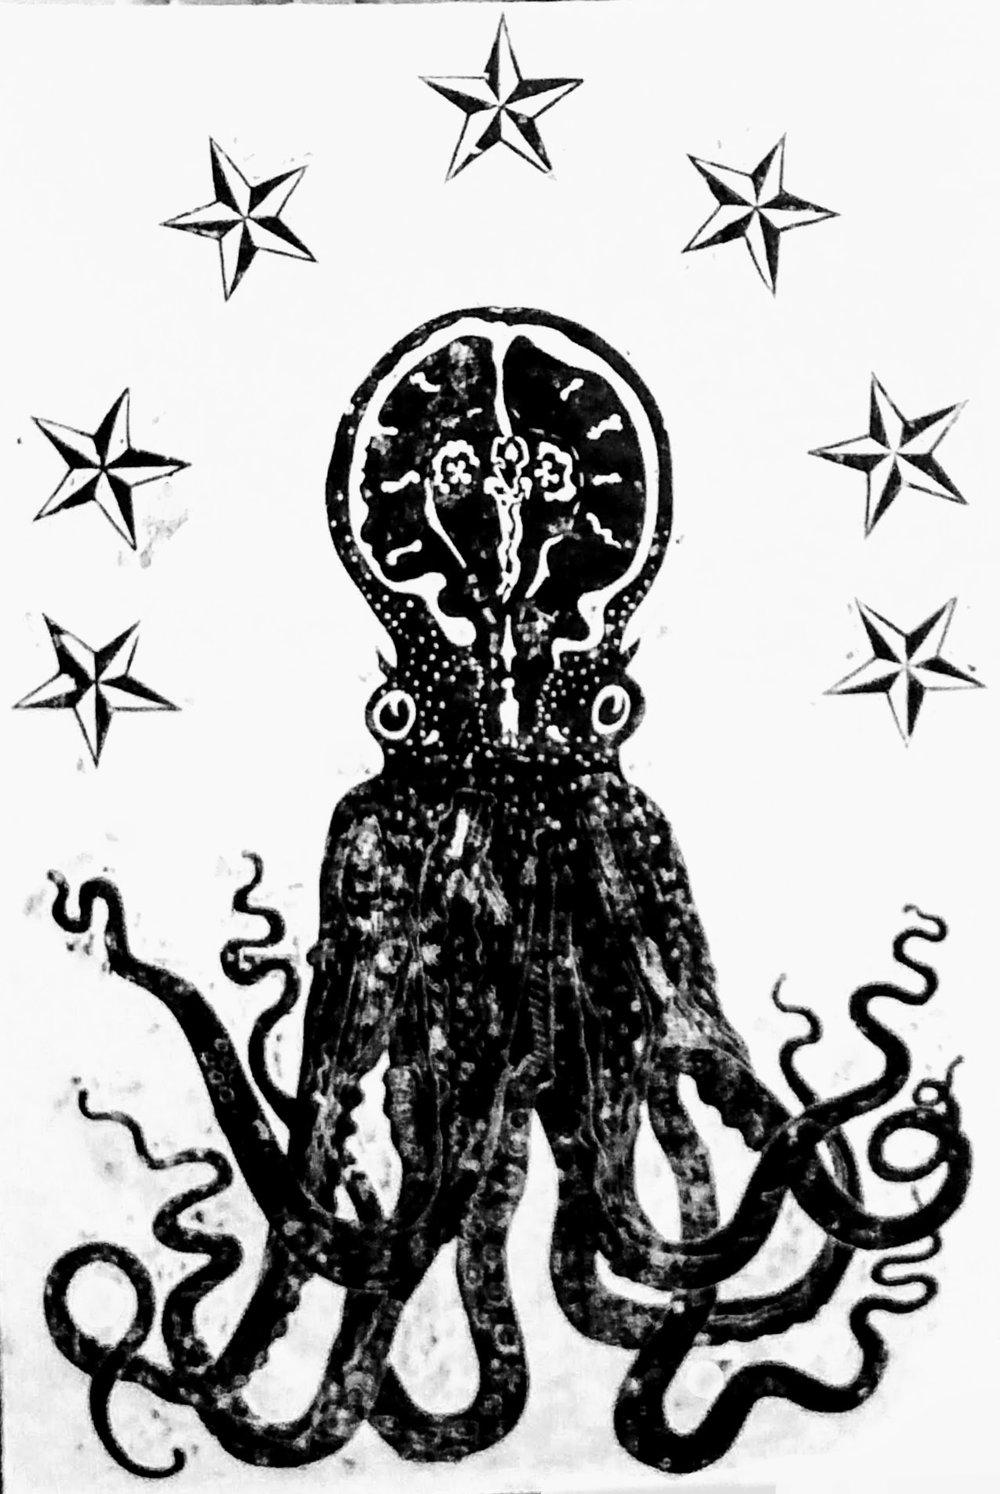 black octopus 36 x 24 in.jpg